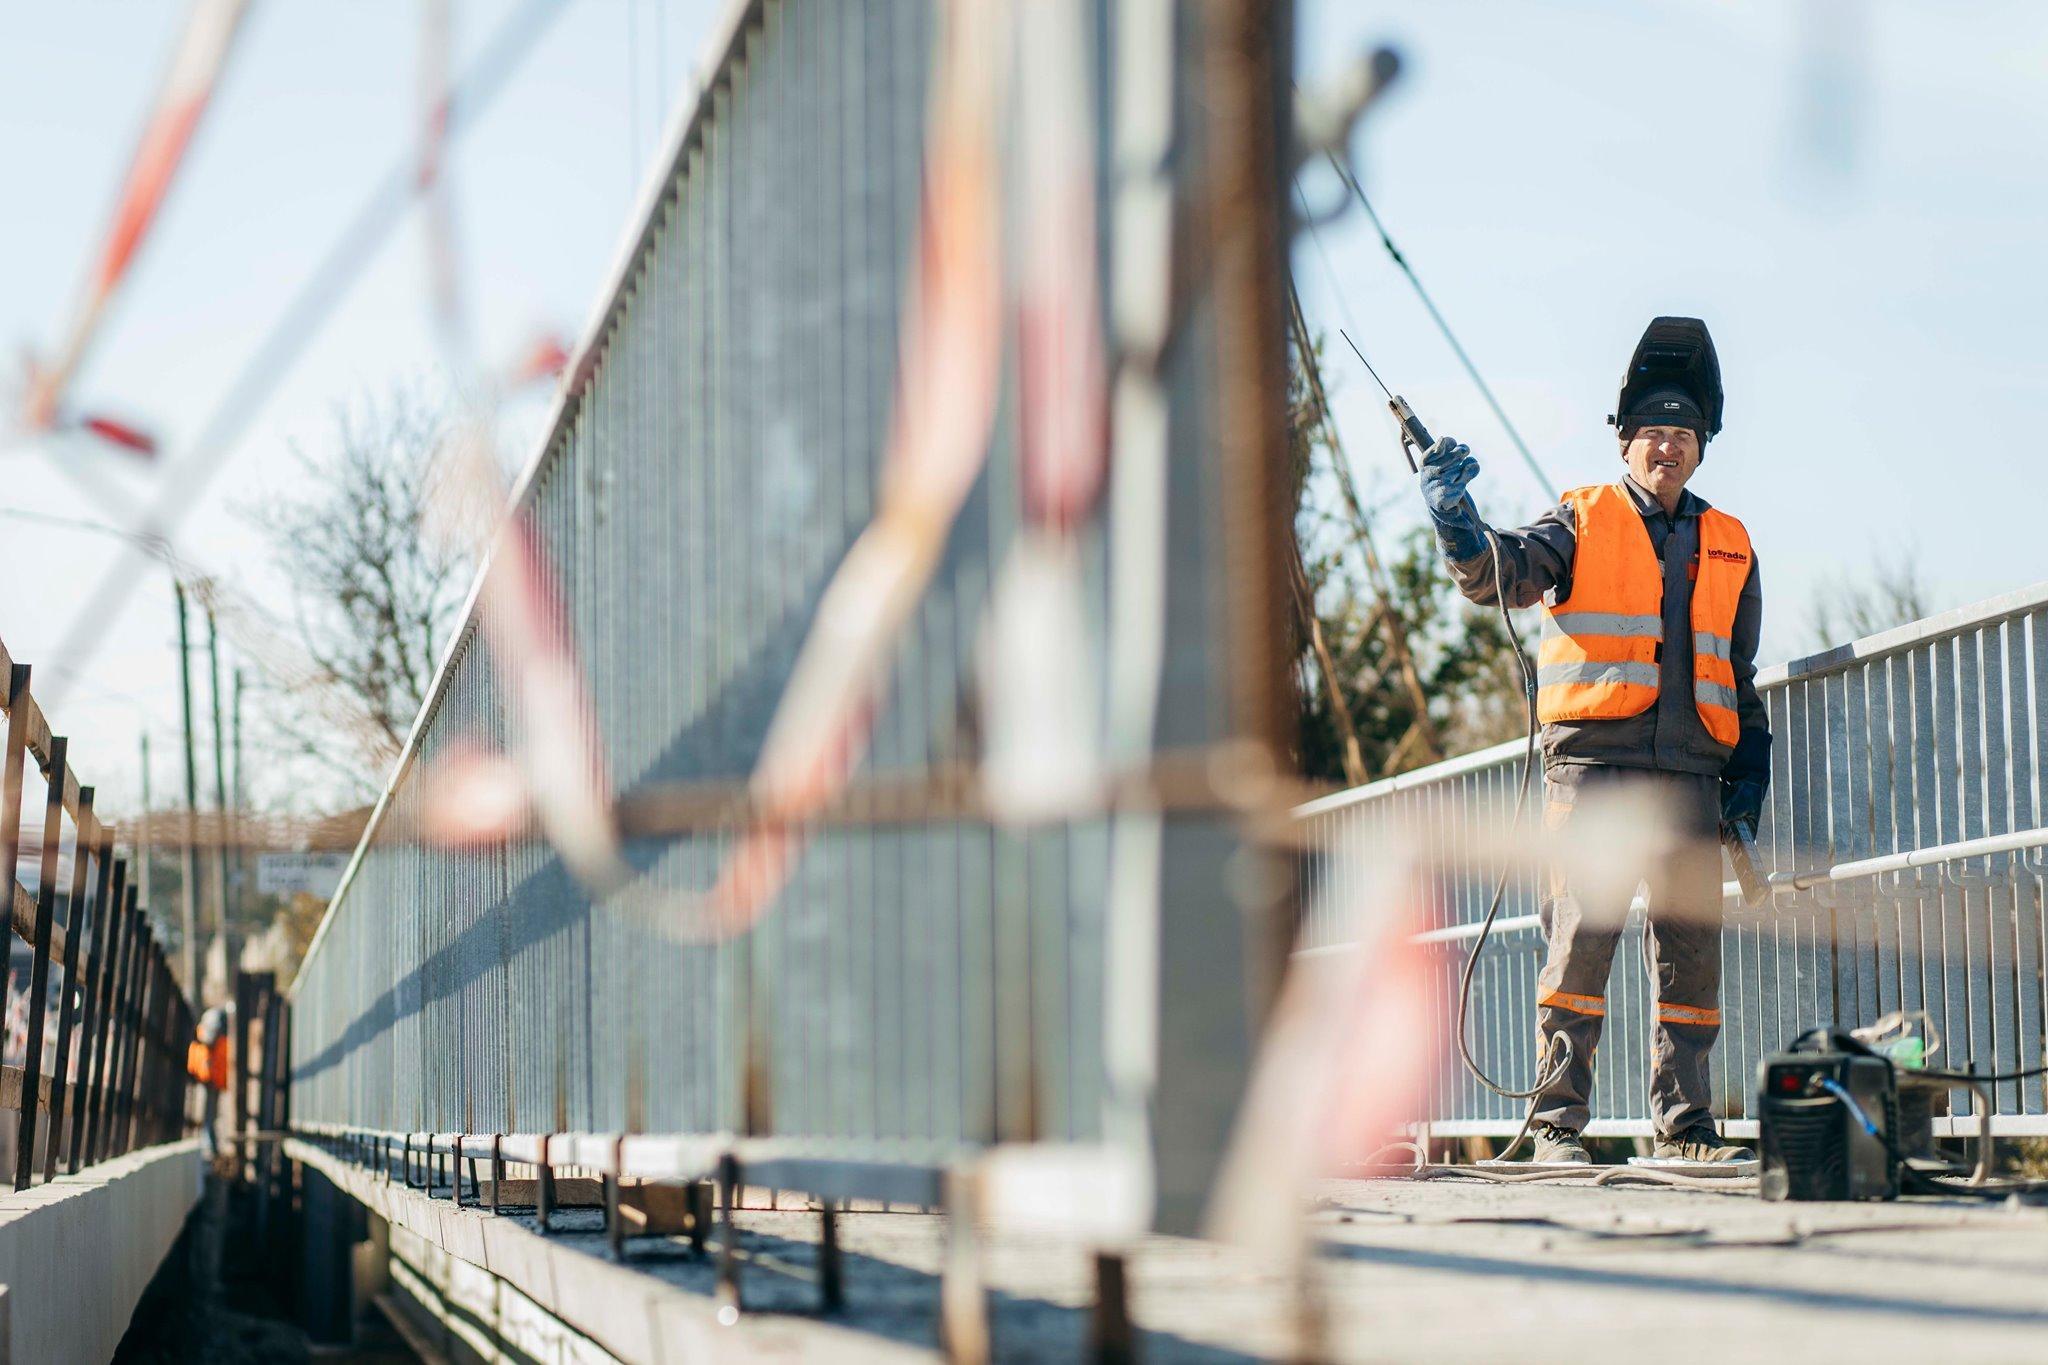 Біля Могилева-Подільського ремонтують автомобільний міст через річку Немия. Завершать у листопаді (Фото)